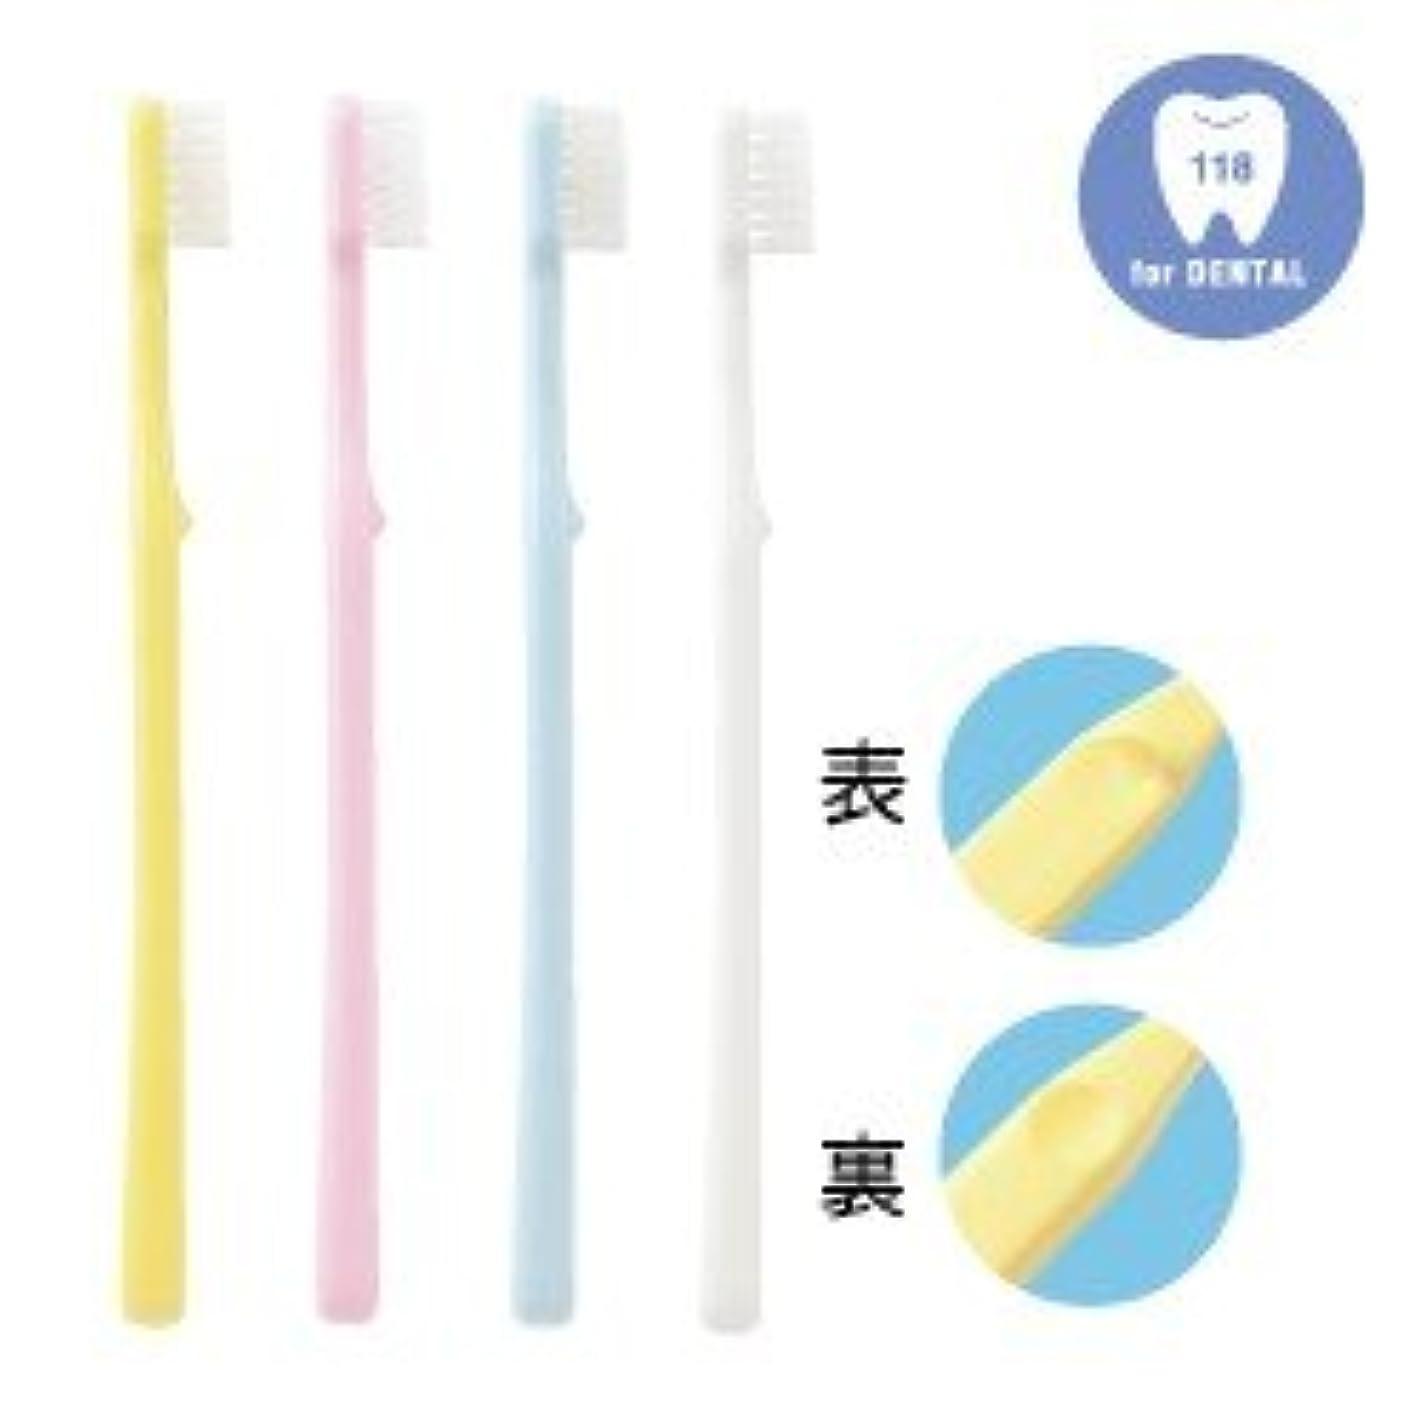 タブレットぎこちないチーフ歯科専用歯ブラシ フォーカス 子供用 118シリーズ M(ふつう) 20本